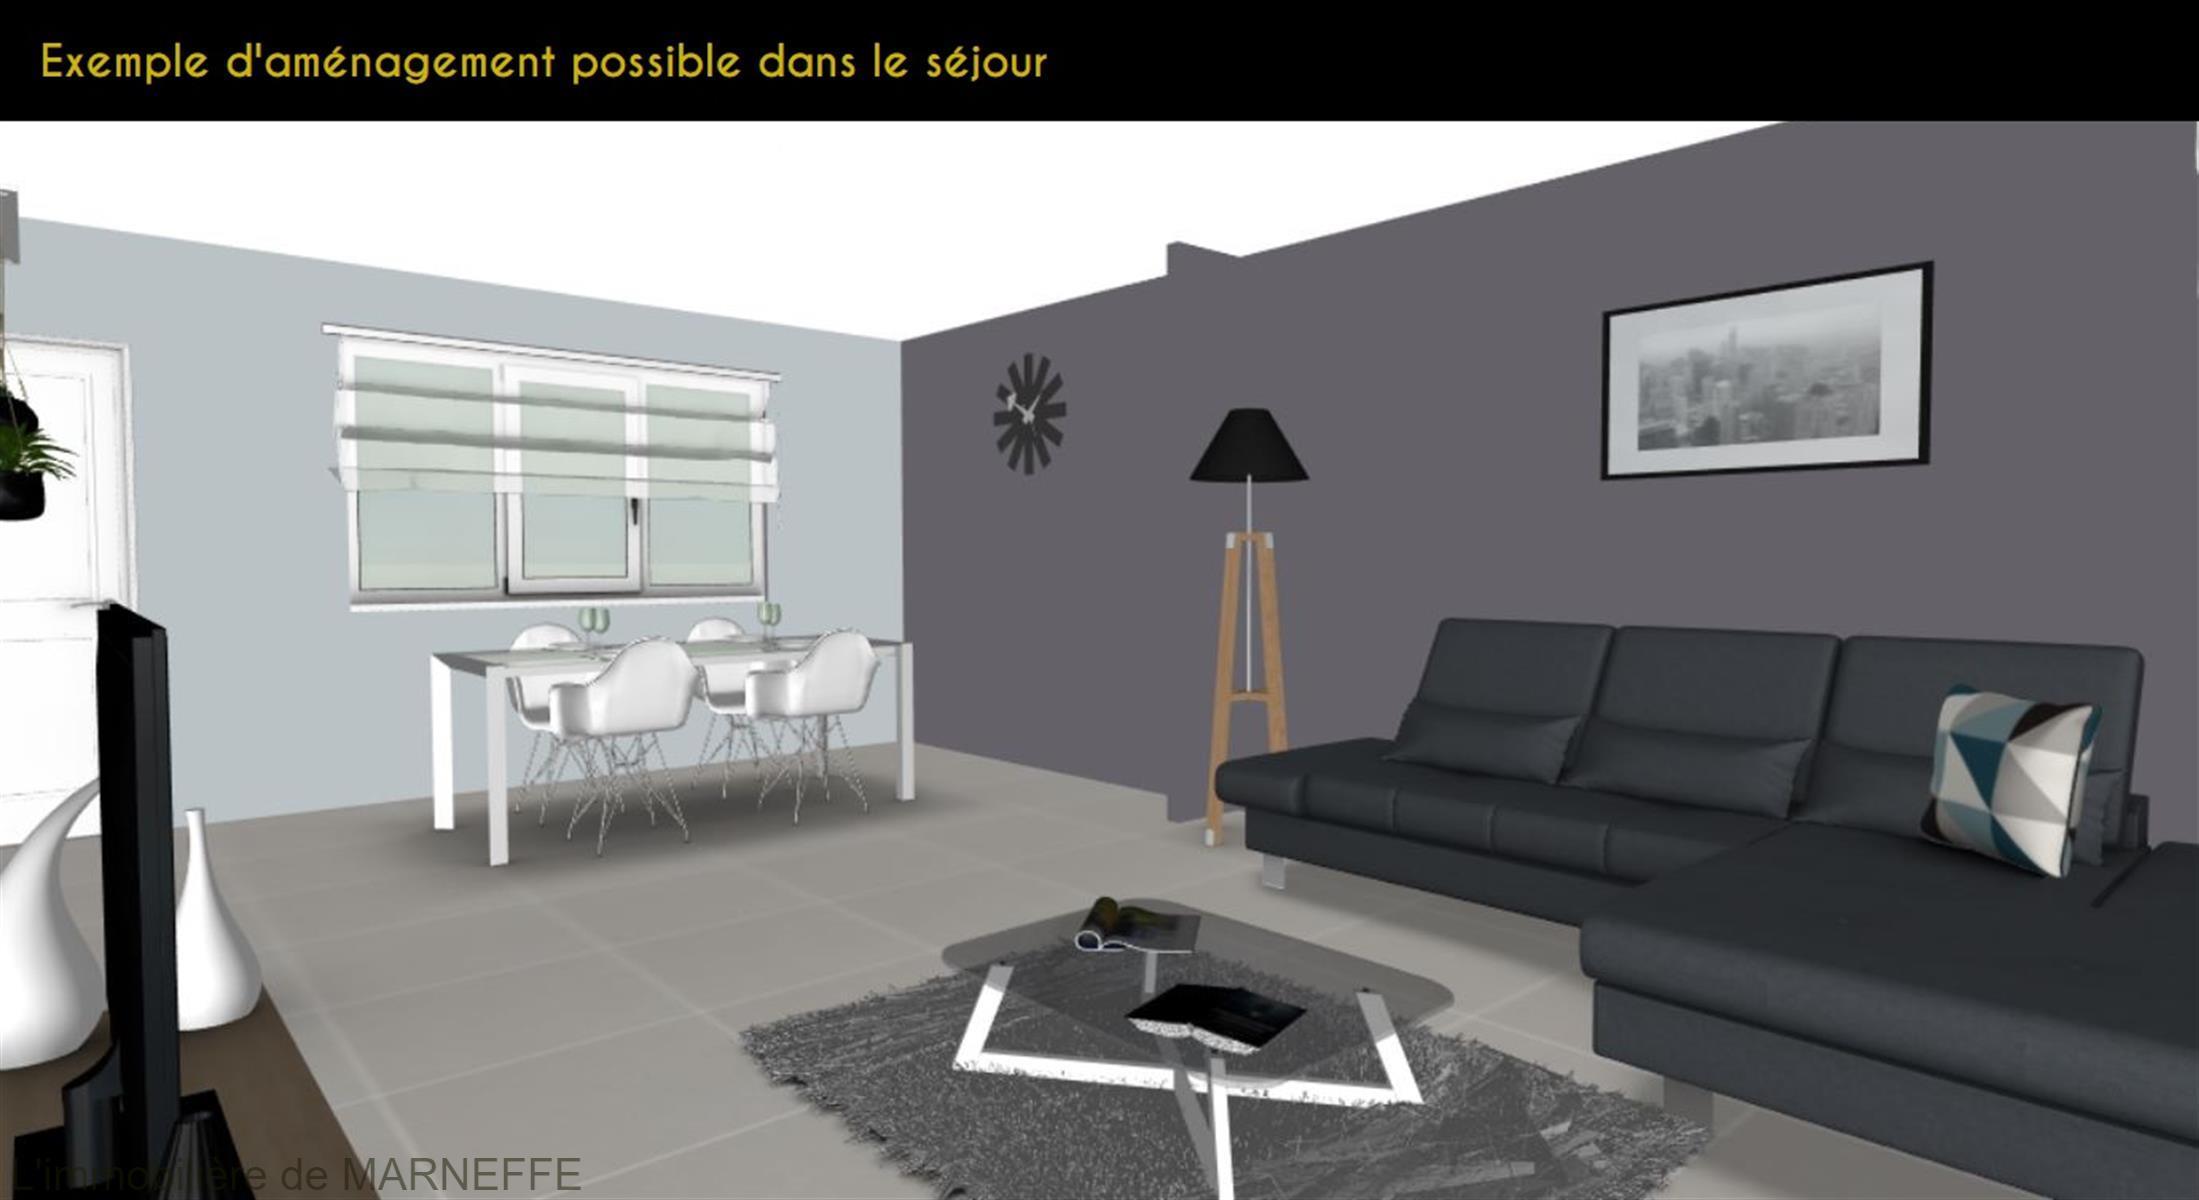 Maison - Wanze - #3703246-42